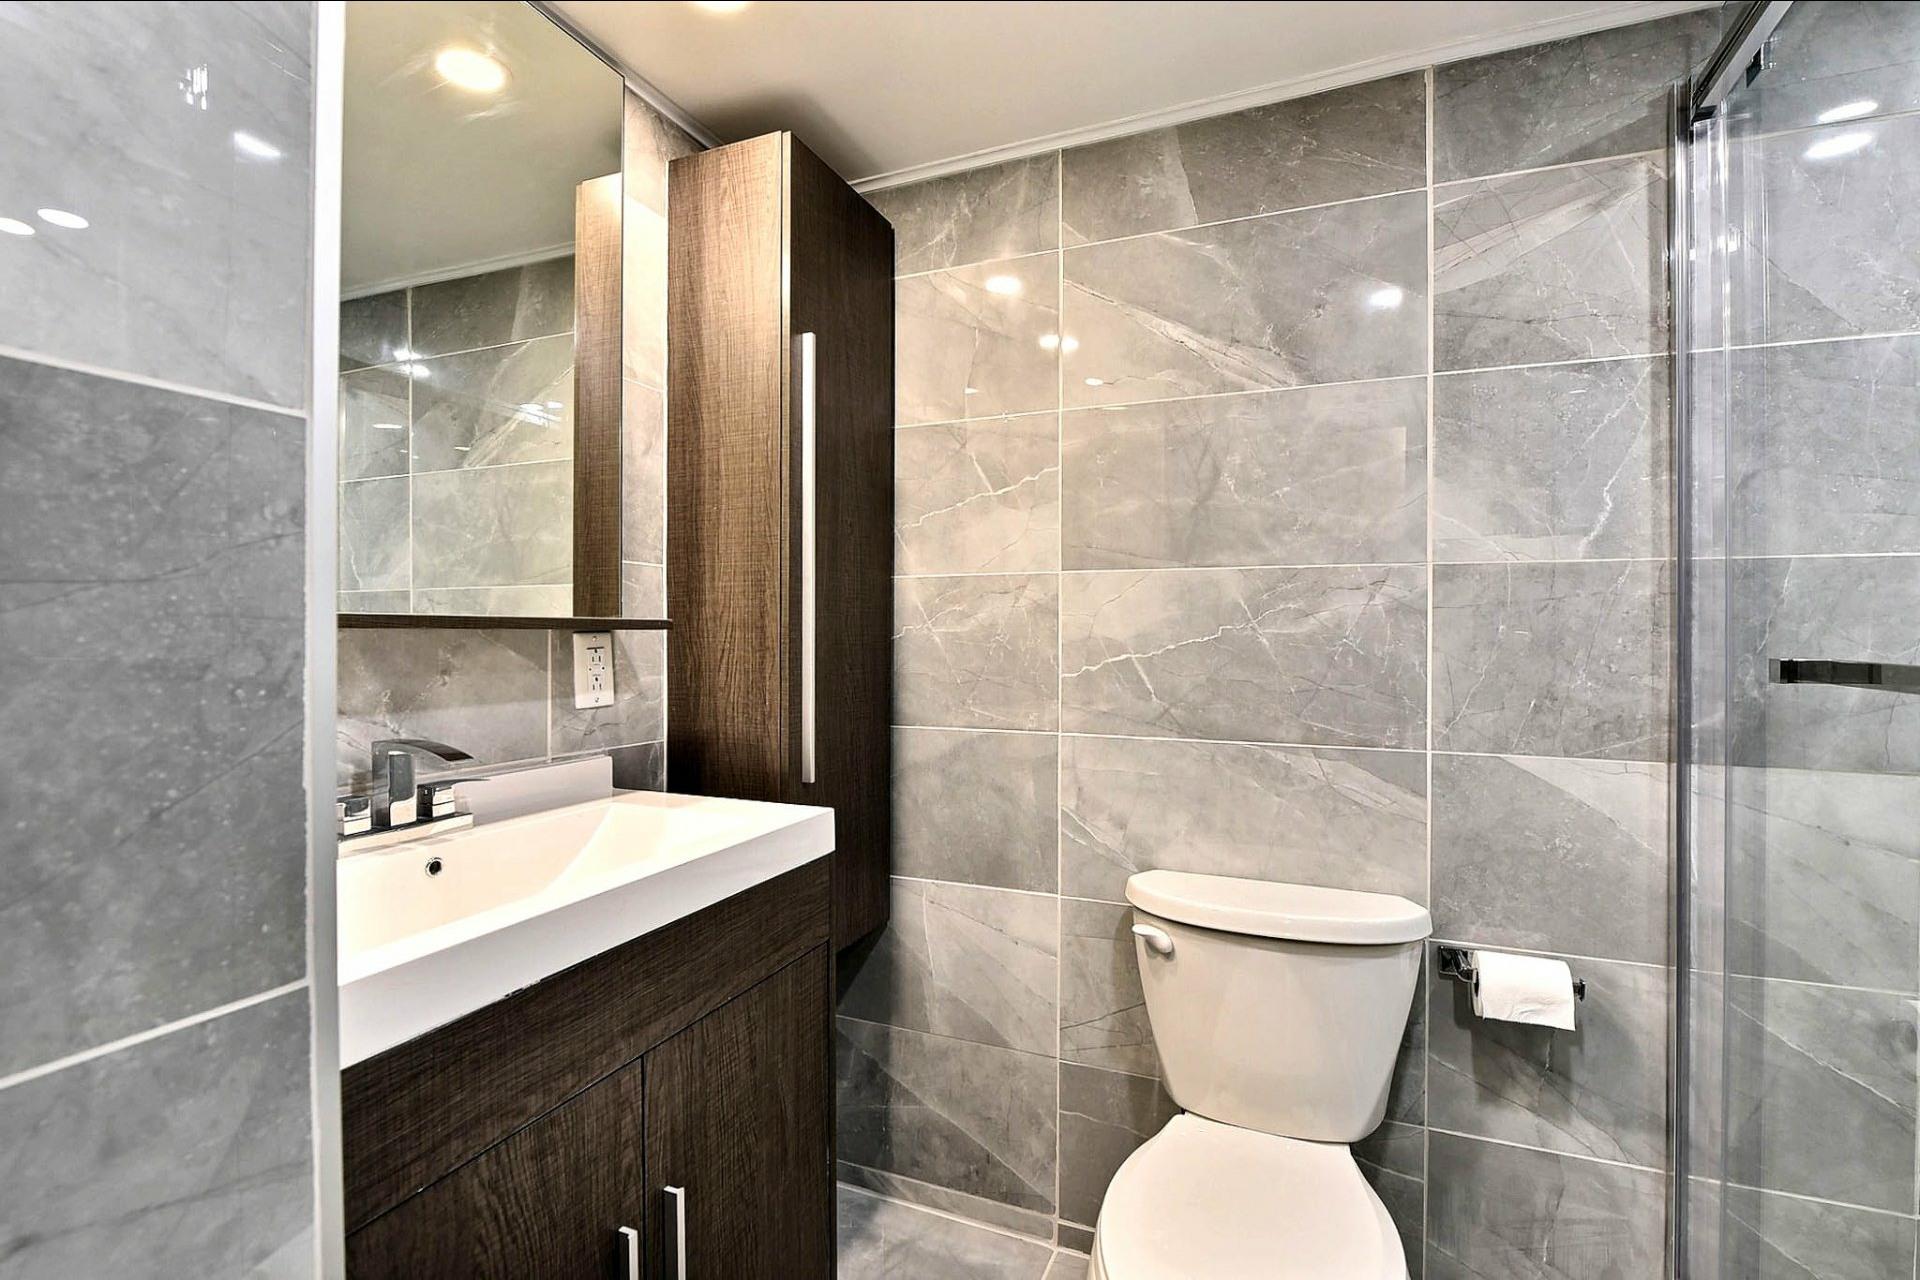 image 8 - Apartment For sale Montréal Mercier/Hochelaga-Maisonneuve  - 7 rooms